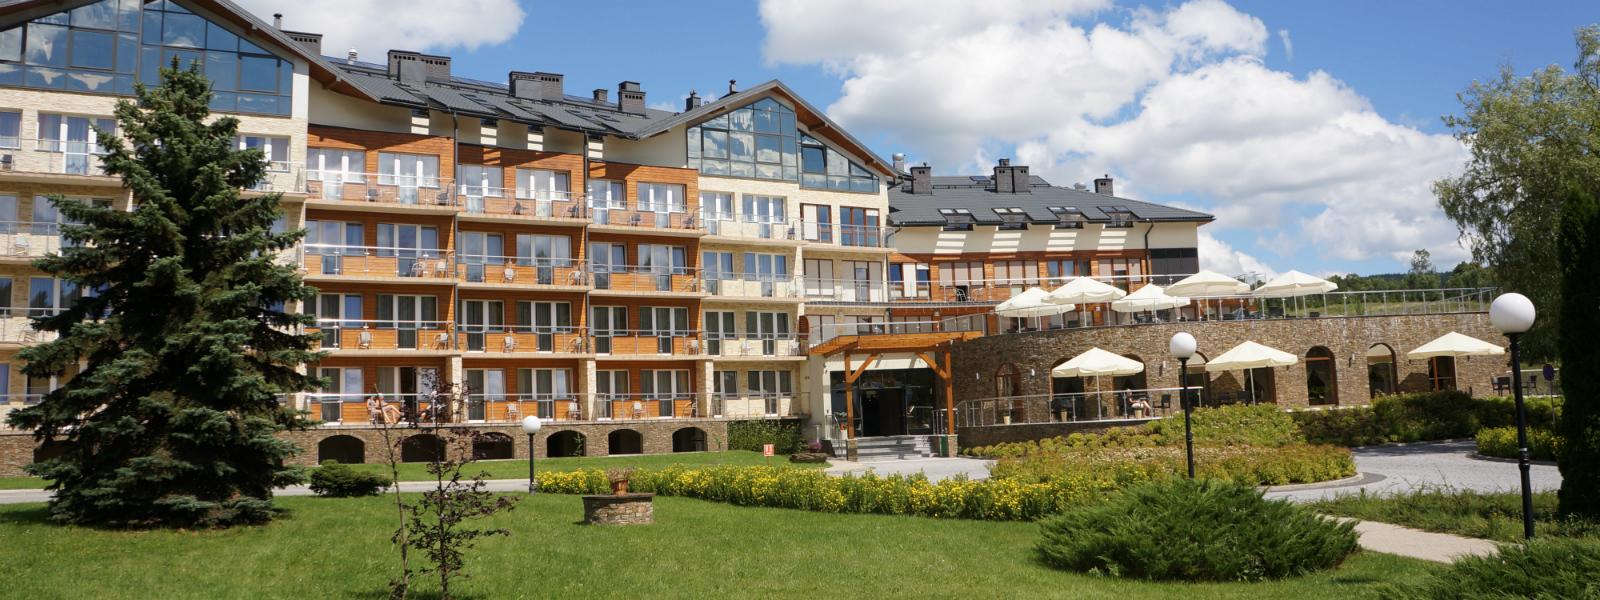 hotel Activa w Beskidzie Sądeckim - widok z przodu